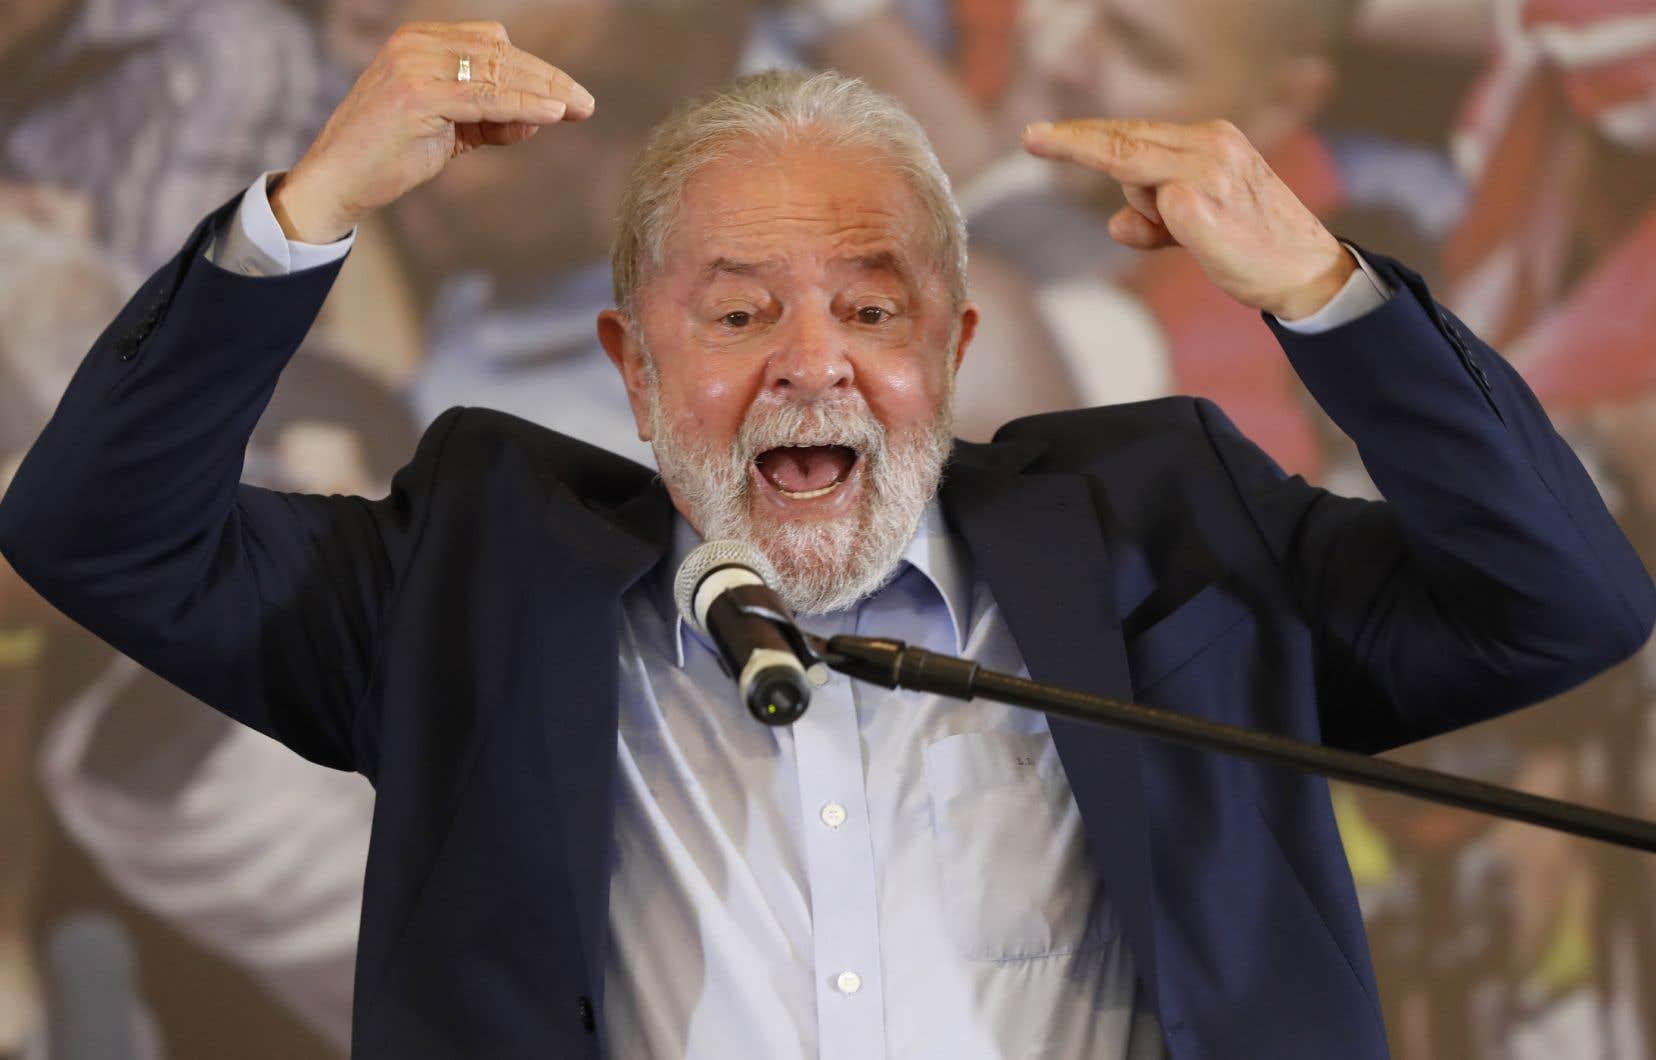 Deux sondages récents ont montré que Lula était encore le candidat le mieux placé pour battre le président d'extrême droite en 2022.